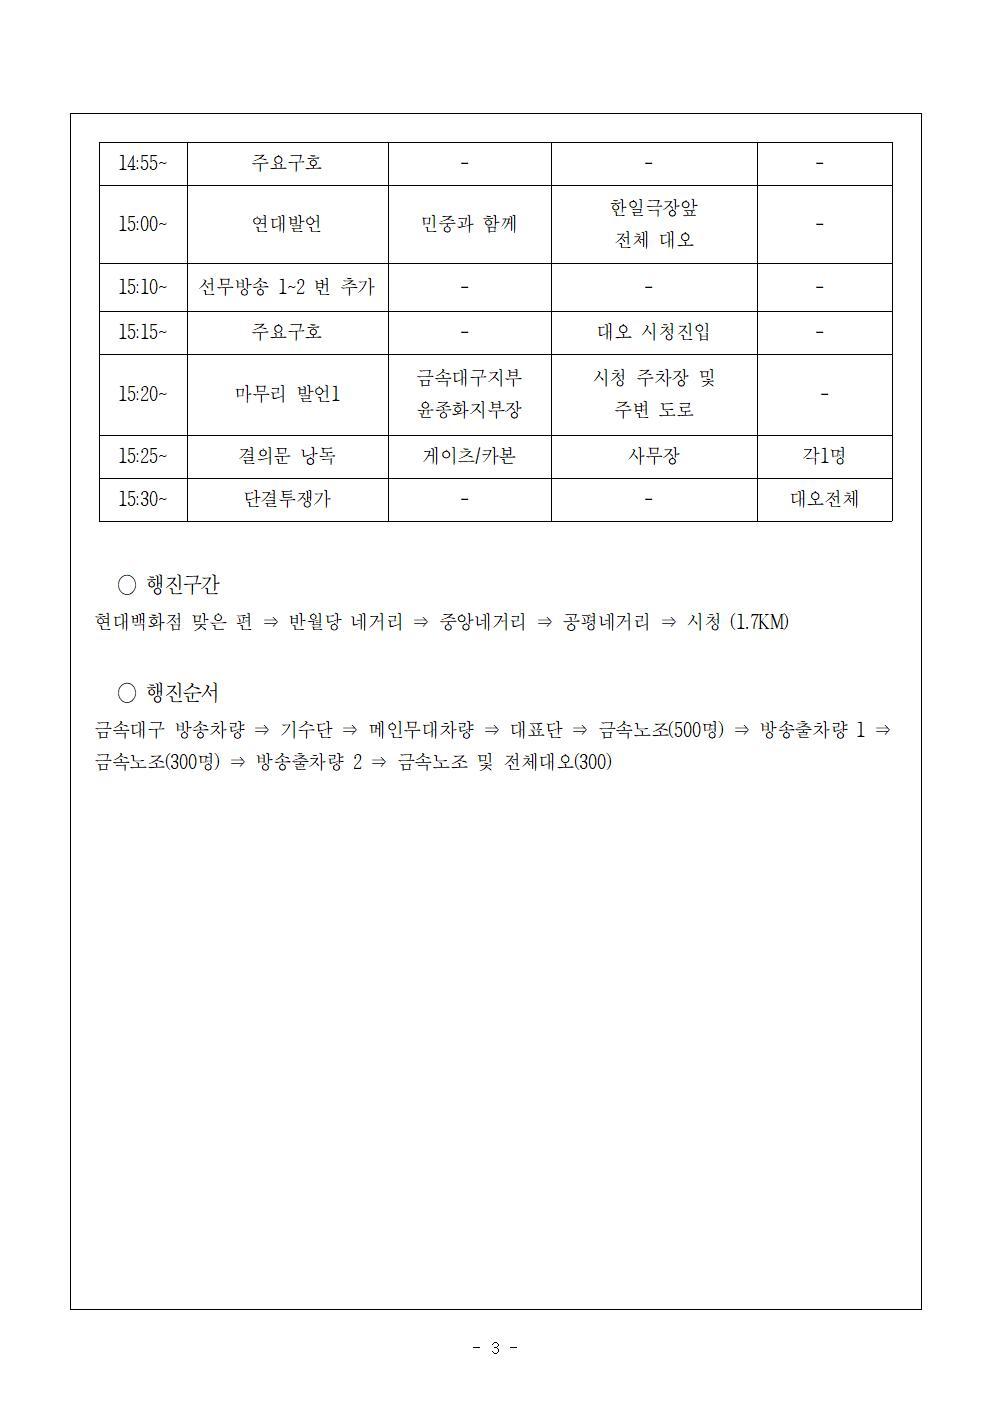 [보도자료] 0722 게이츠,AVO 투쟁승리 결의대회(식순, 행진순서)003.jpg